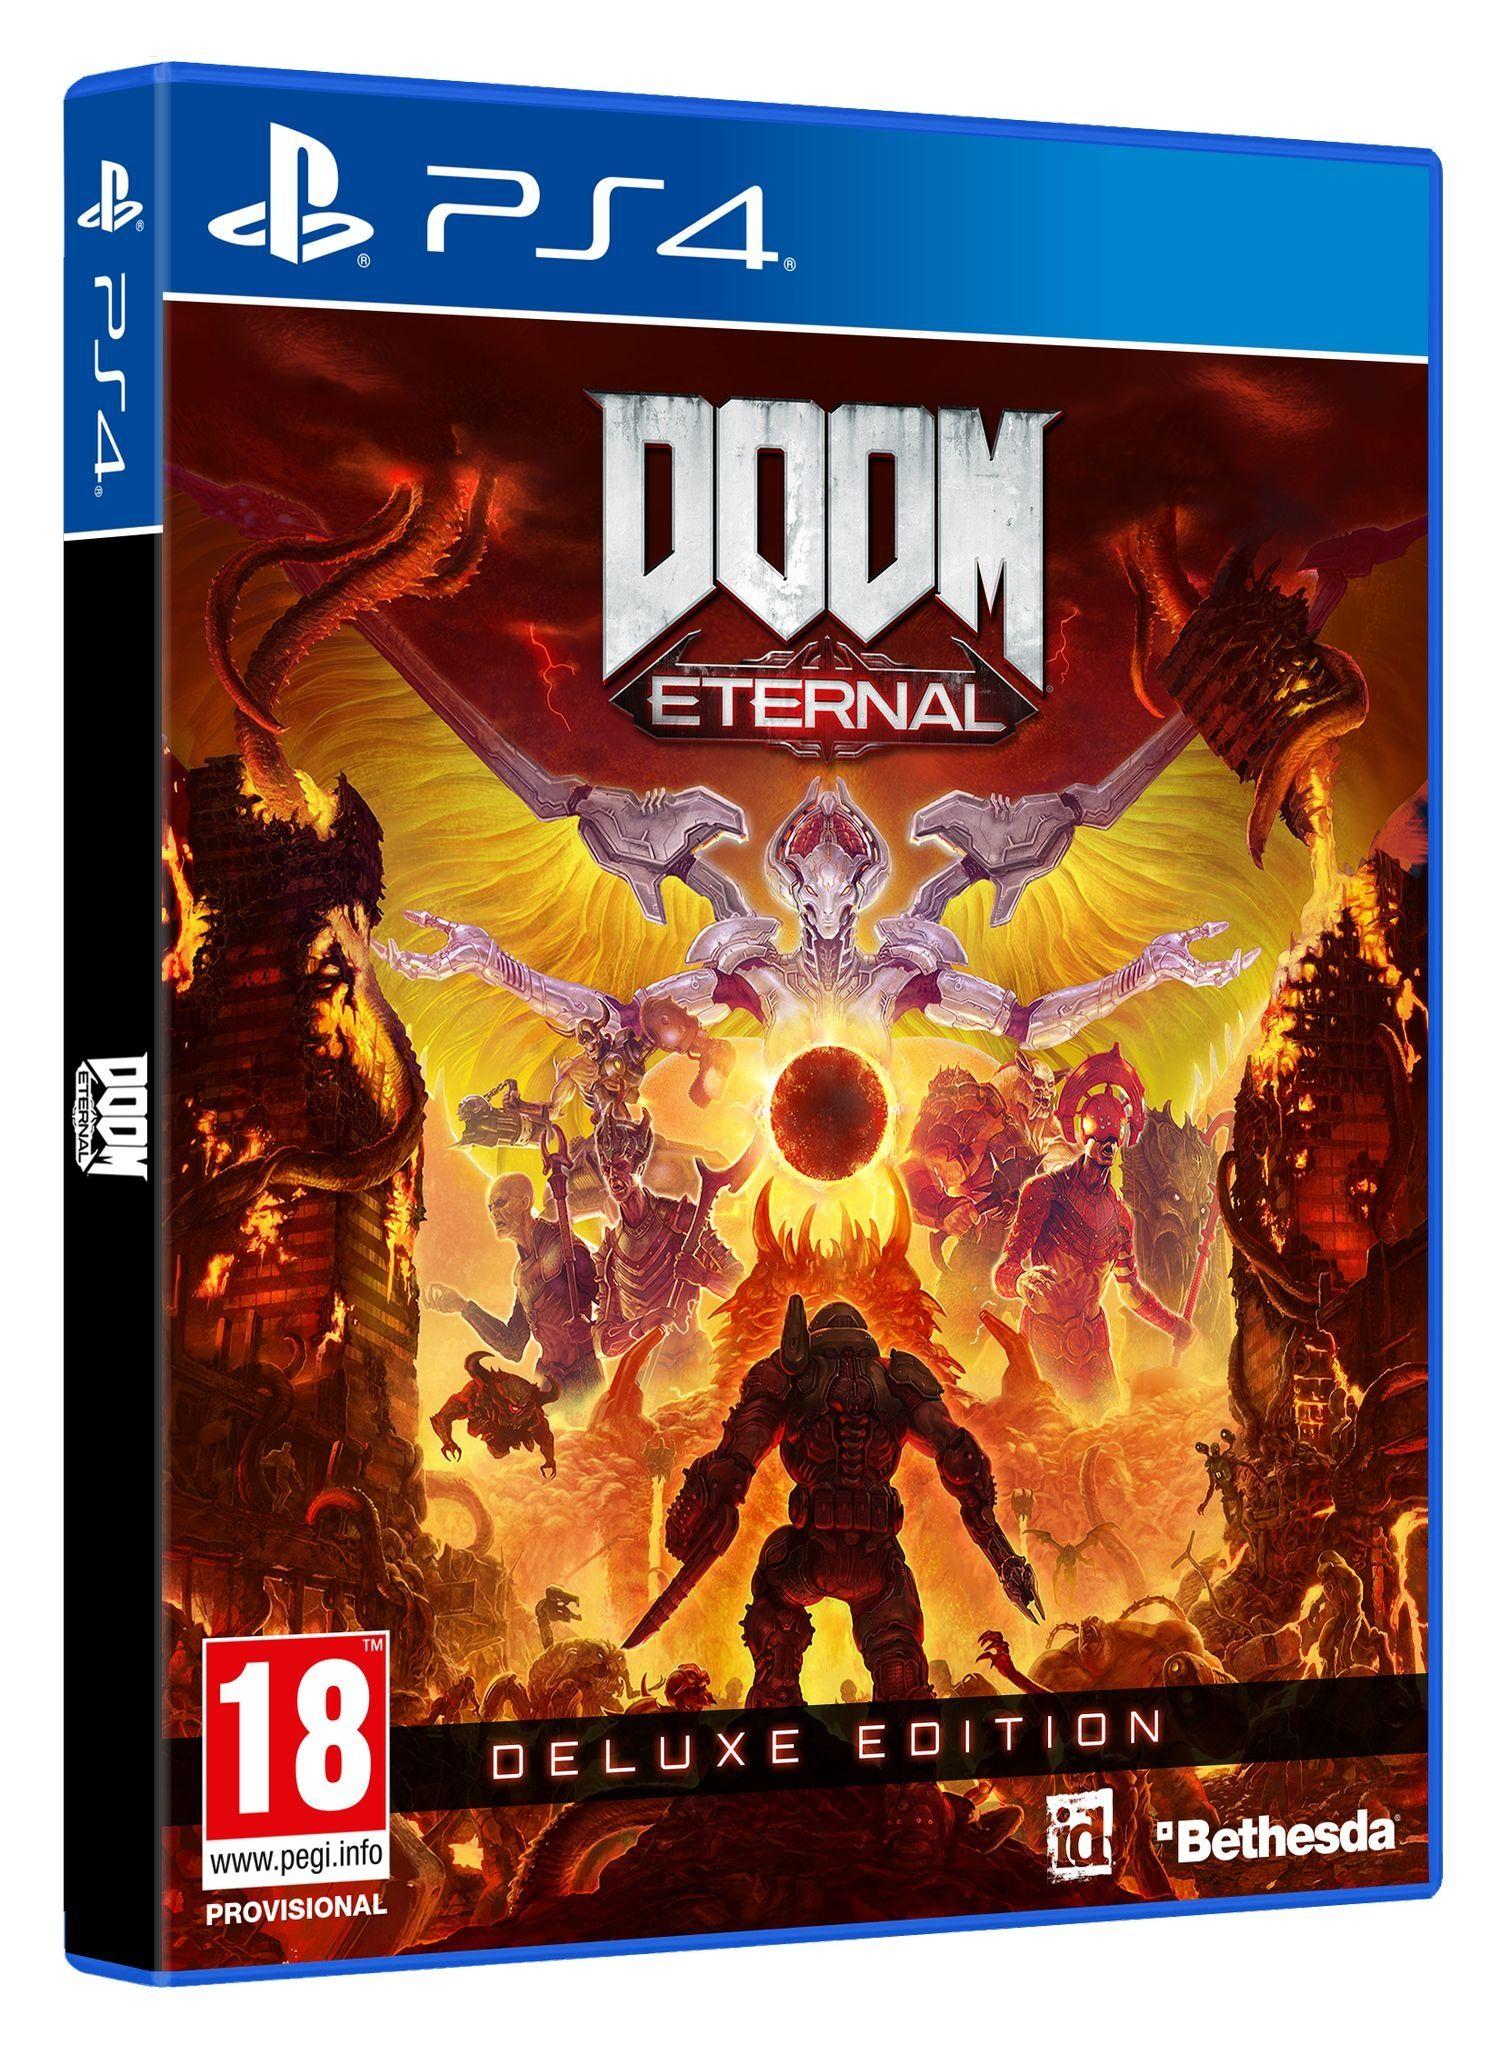 Doom Eternal - Deluxe Edition (PS4) - 4